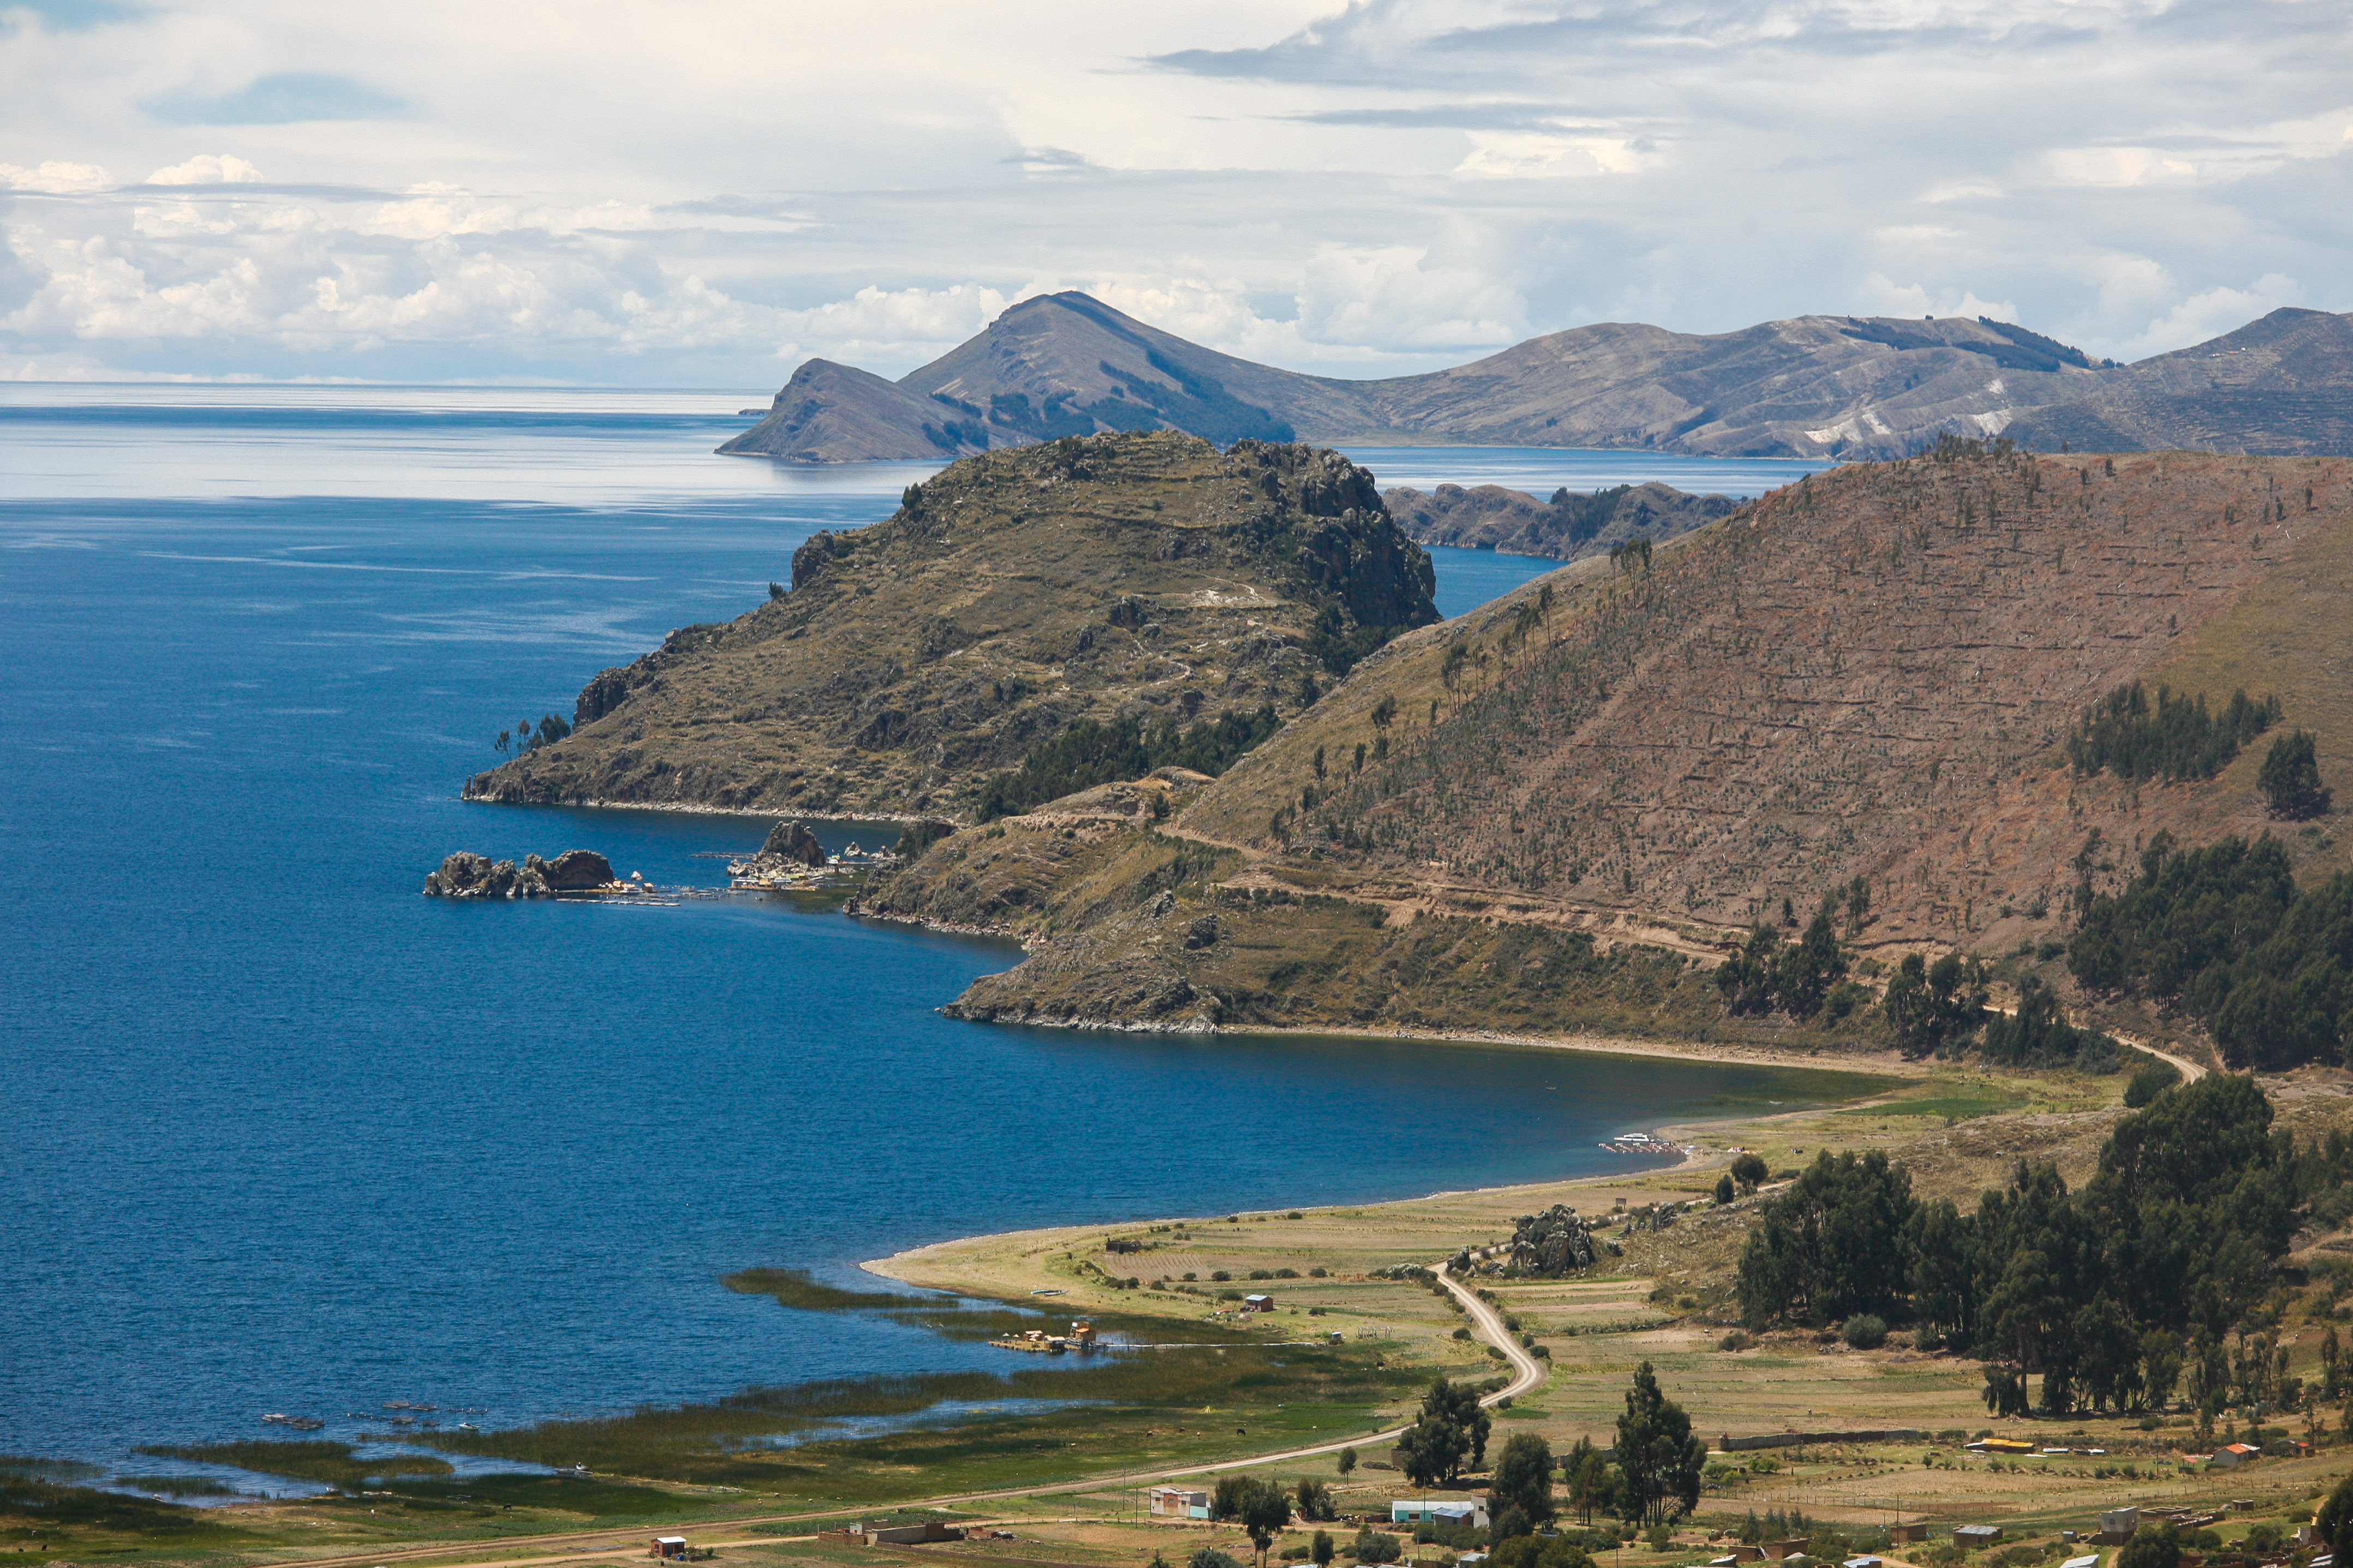 Lake Titicaca turns into kaku 64